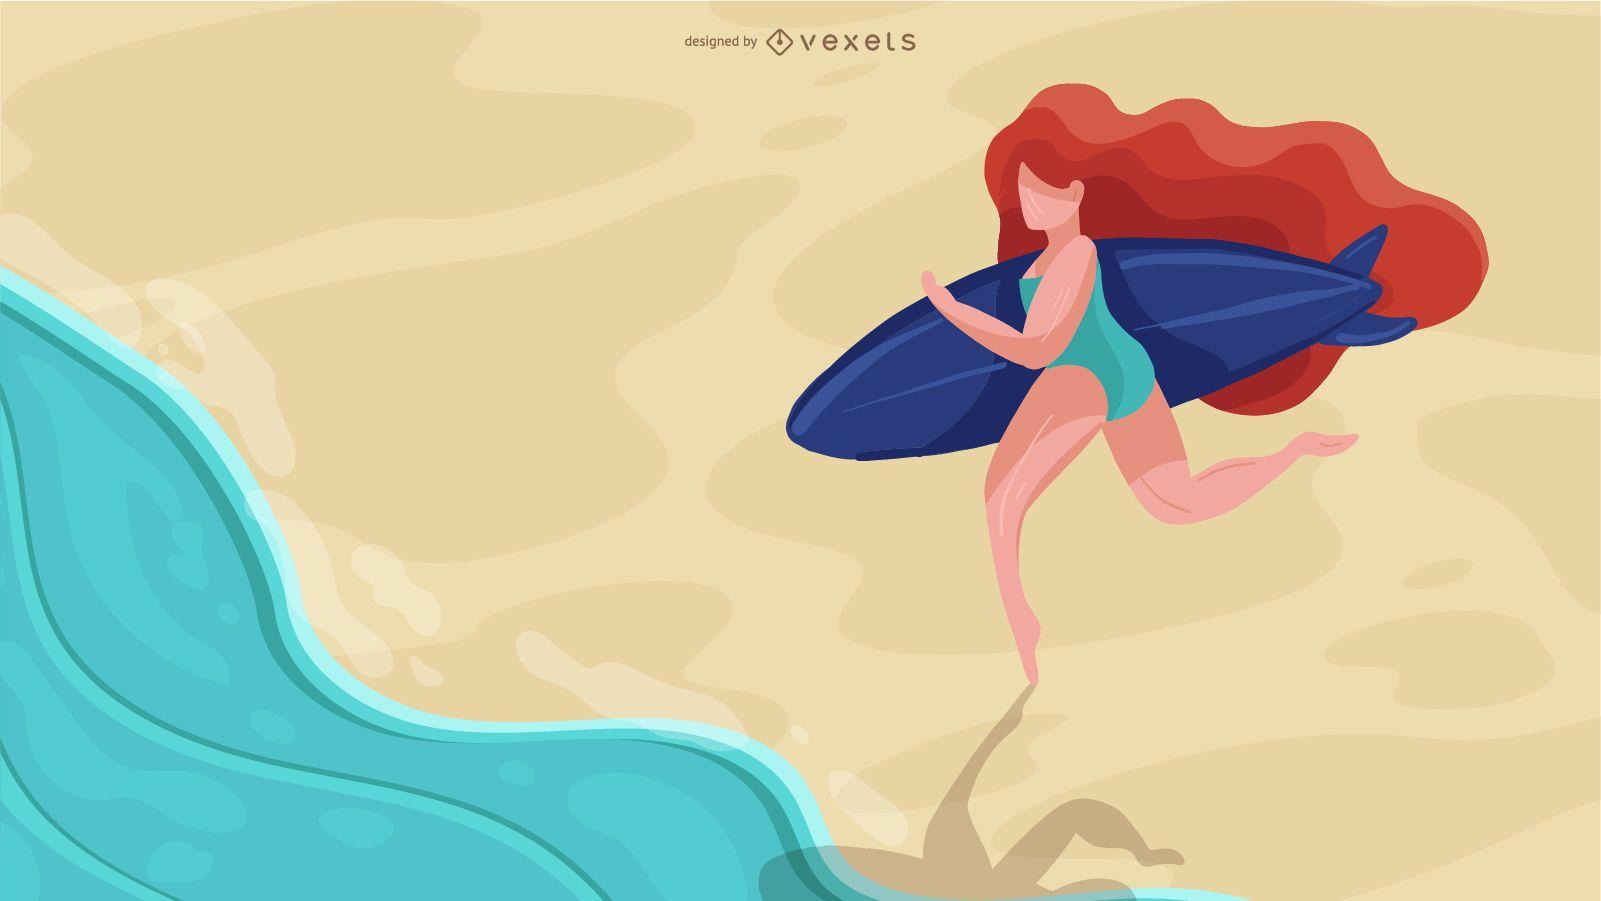 Surfer girl design